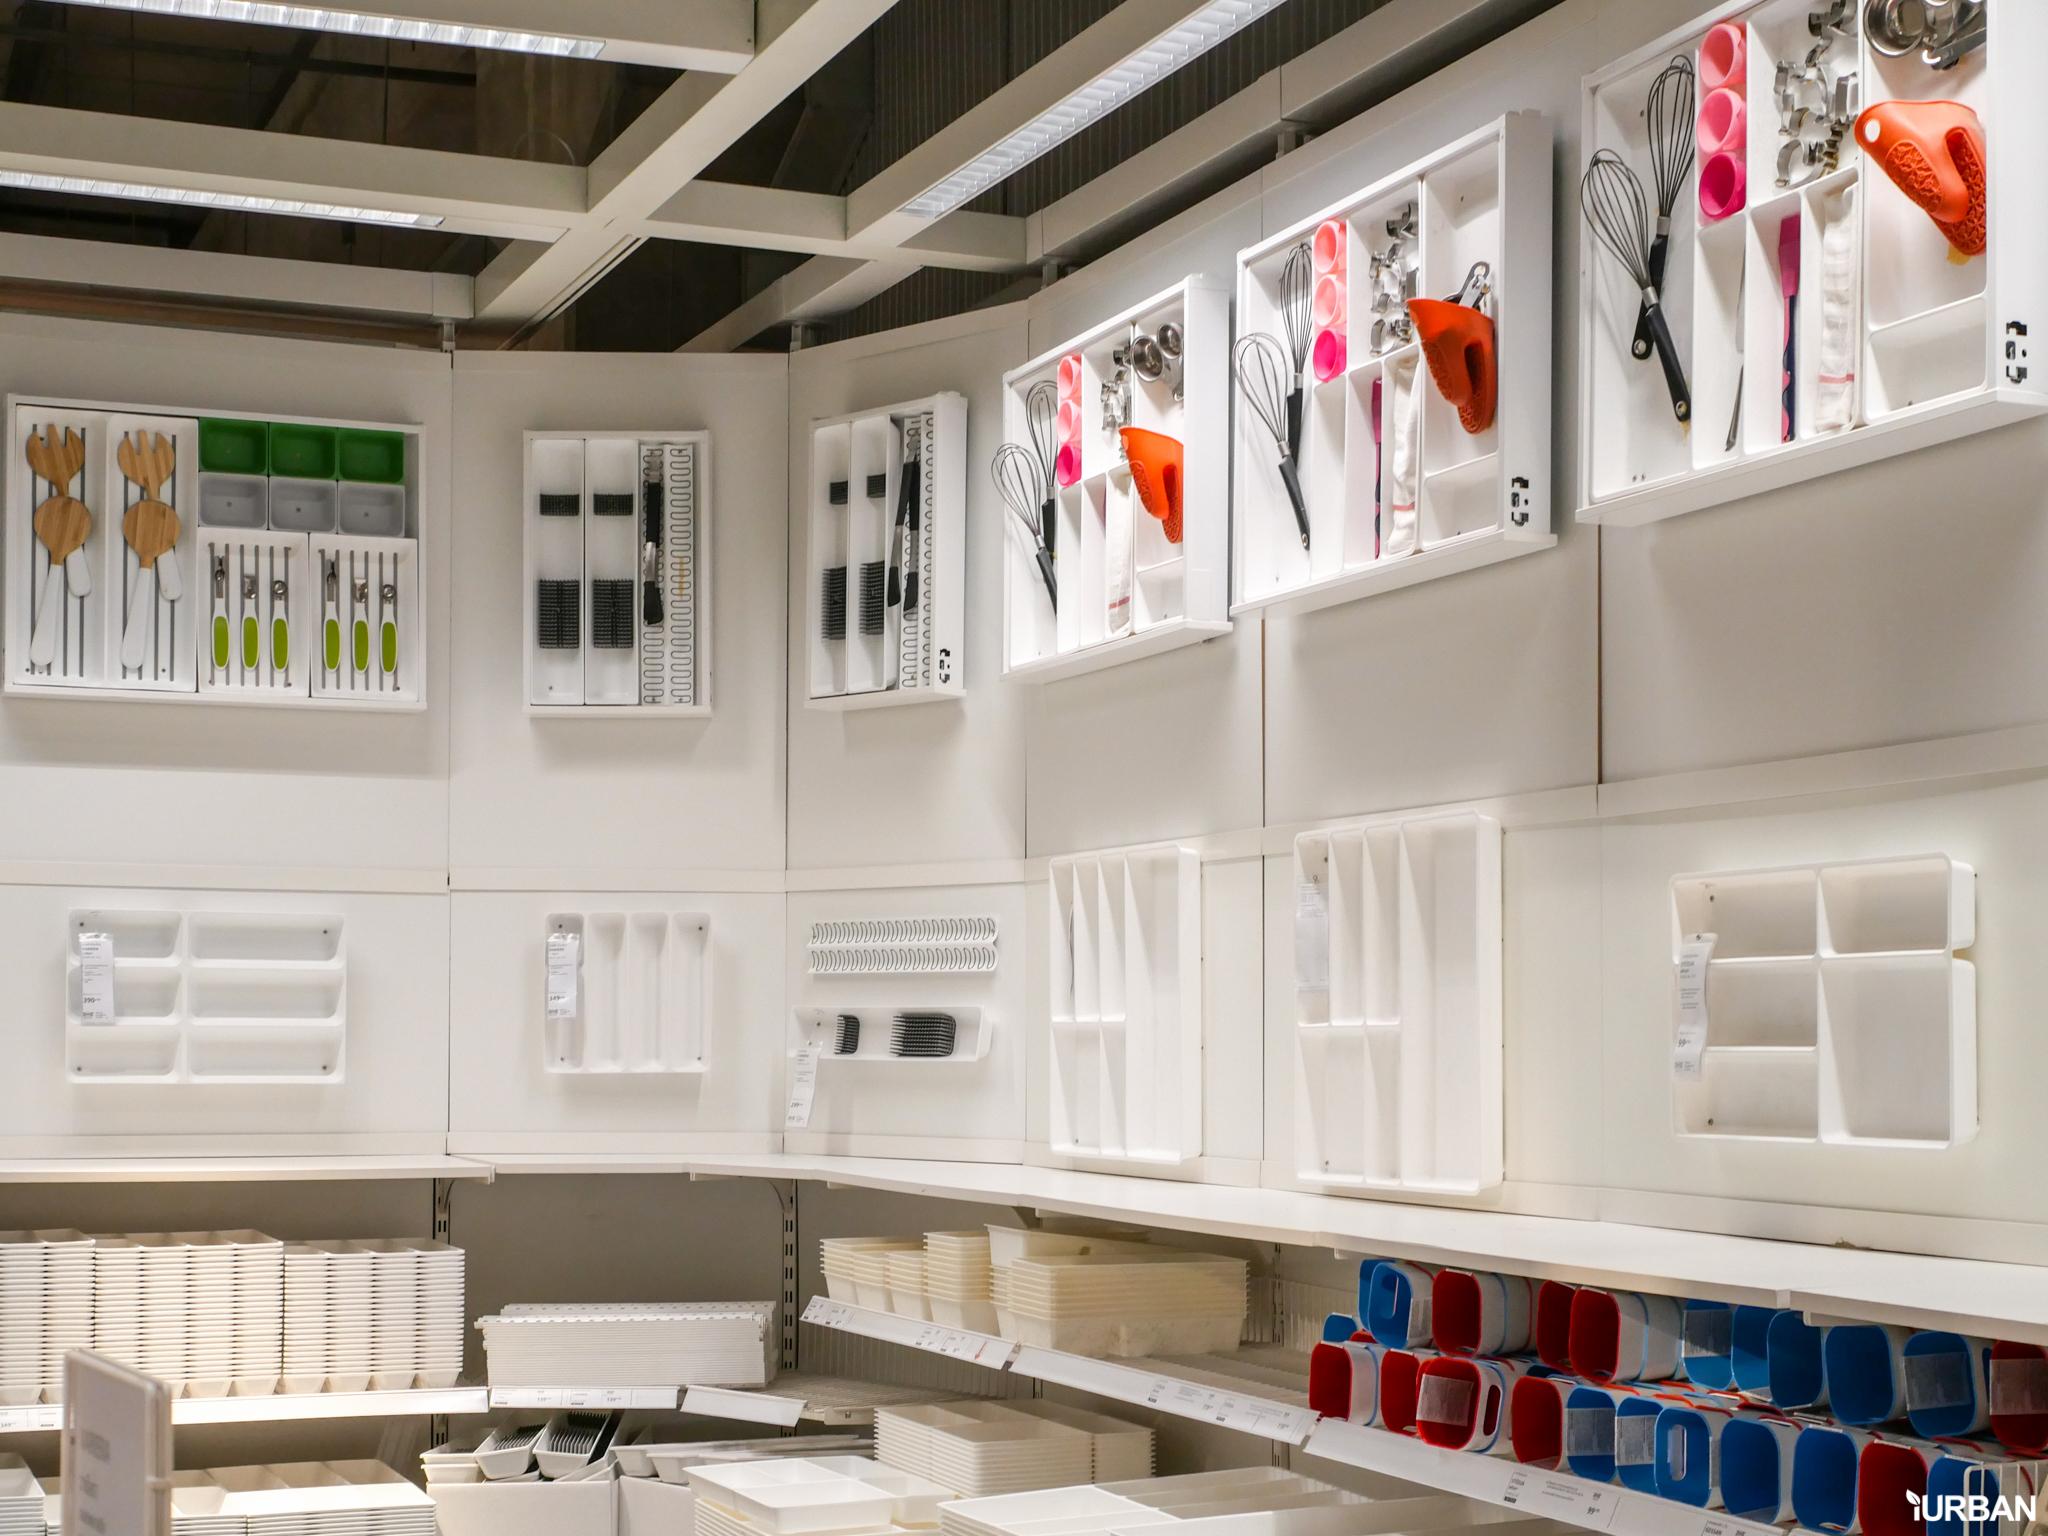 9 เหตุผลที่คนเลือกชุดครัวอิเกีย และโอกาสที่จะมีครัวในฝัน IKEA METOD/เมท็อด โปรนี้ดีที่สุดแล้ว #ถึง17มีนา 85 - IKEA (อิเกีย)